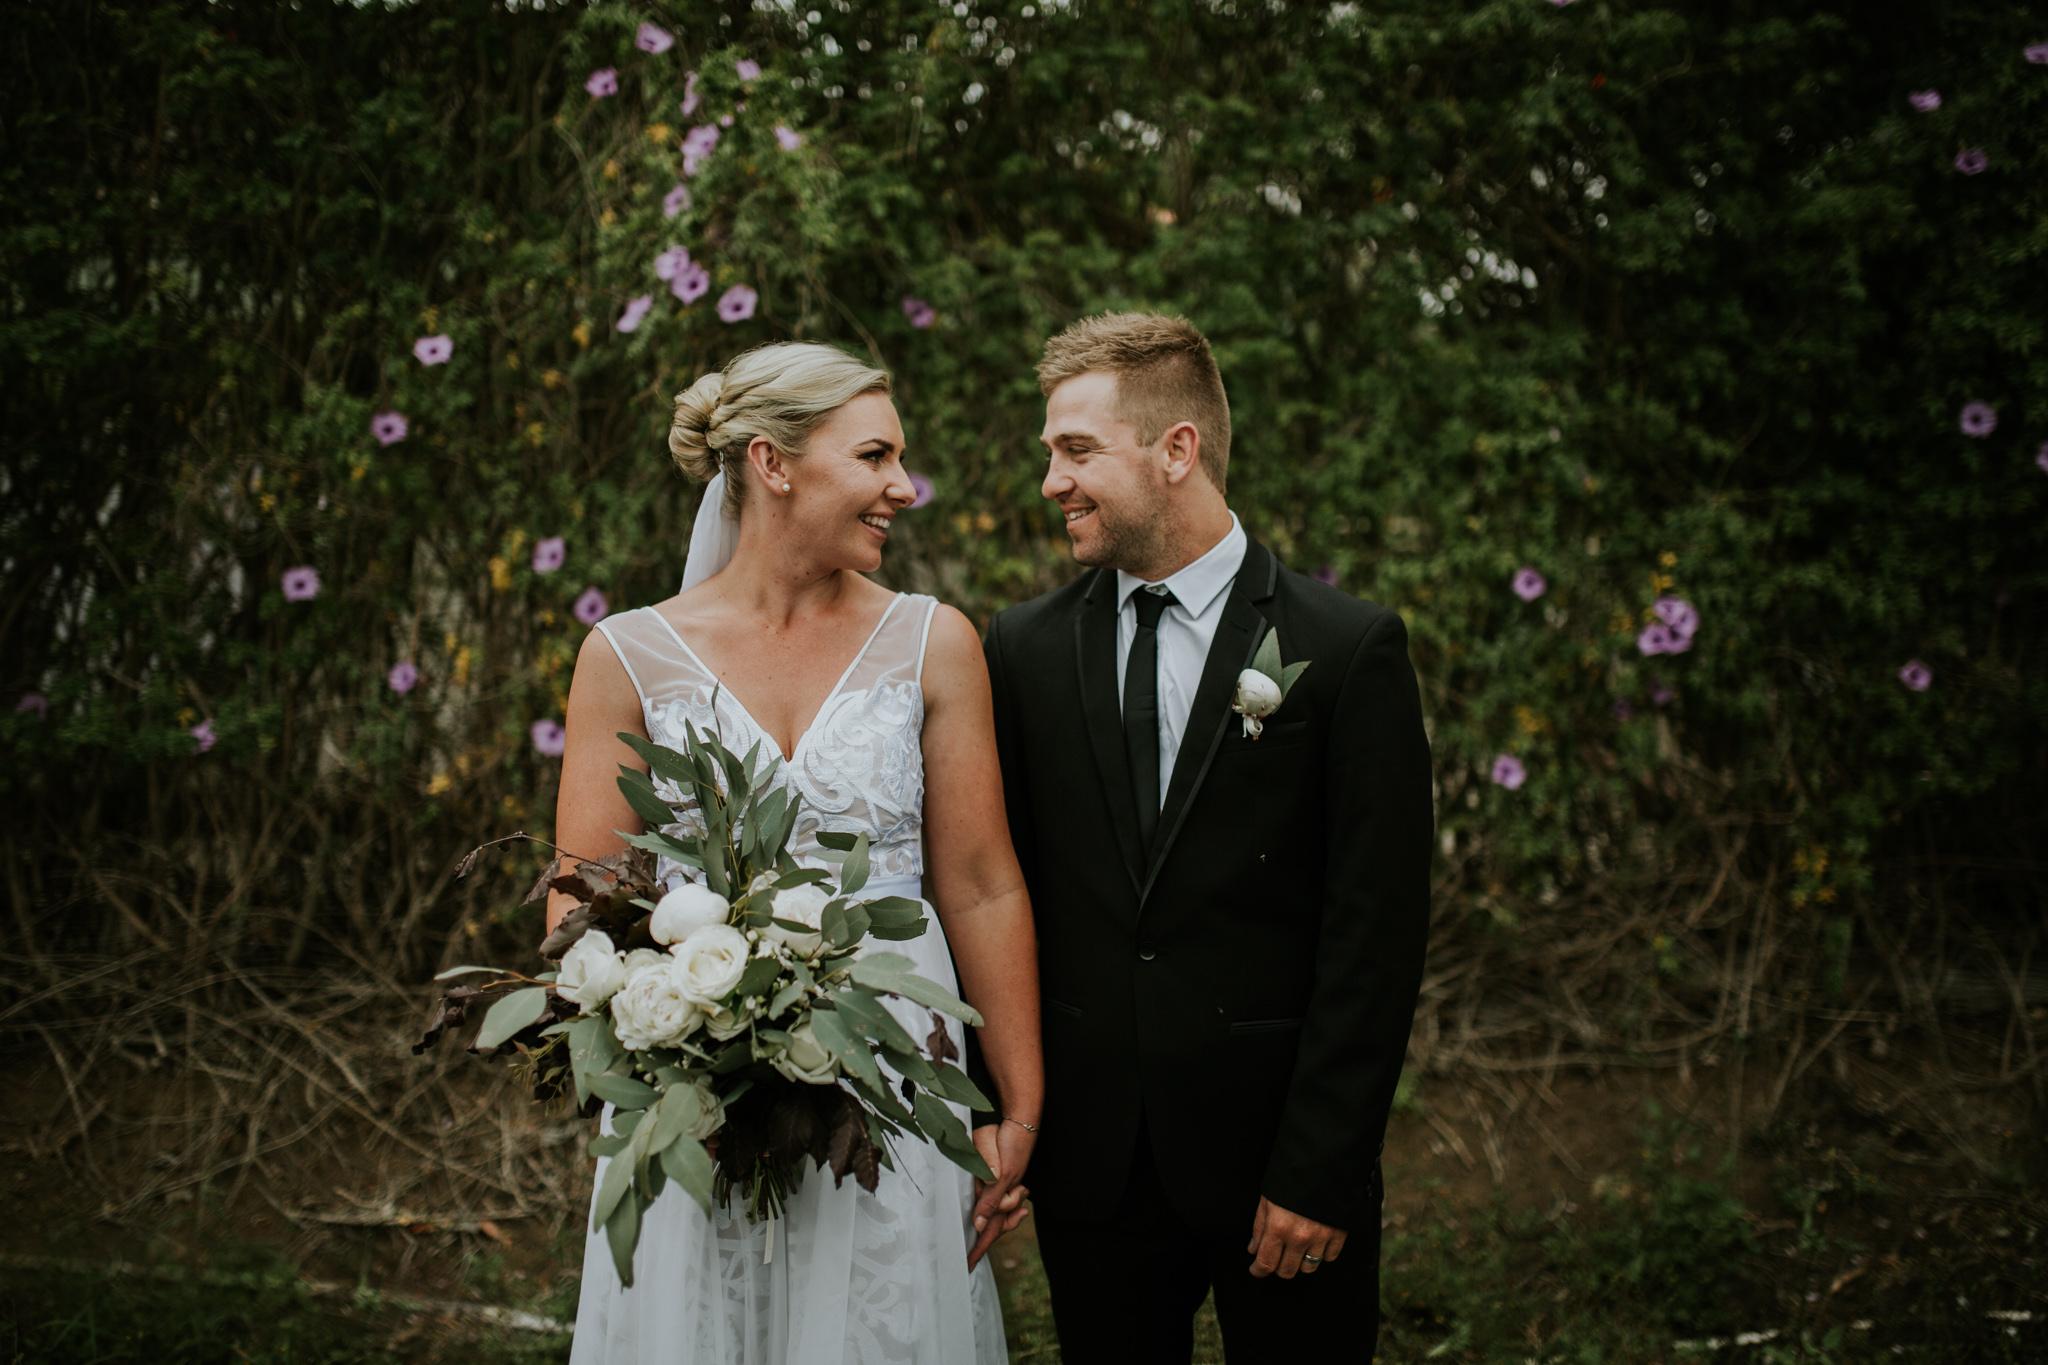 Lucy+Kyle+Kiama+Sebel+wedding-107.jpg